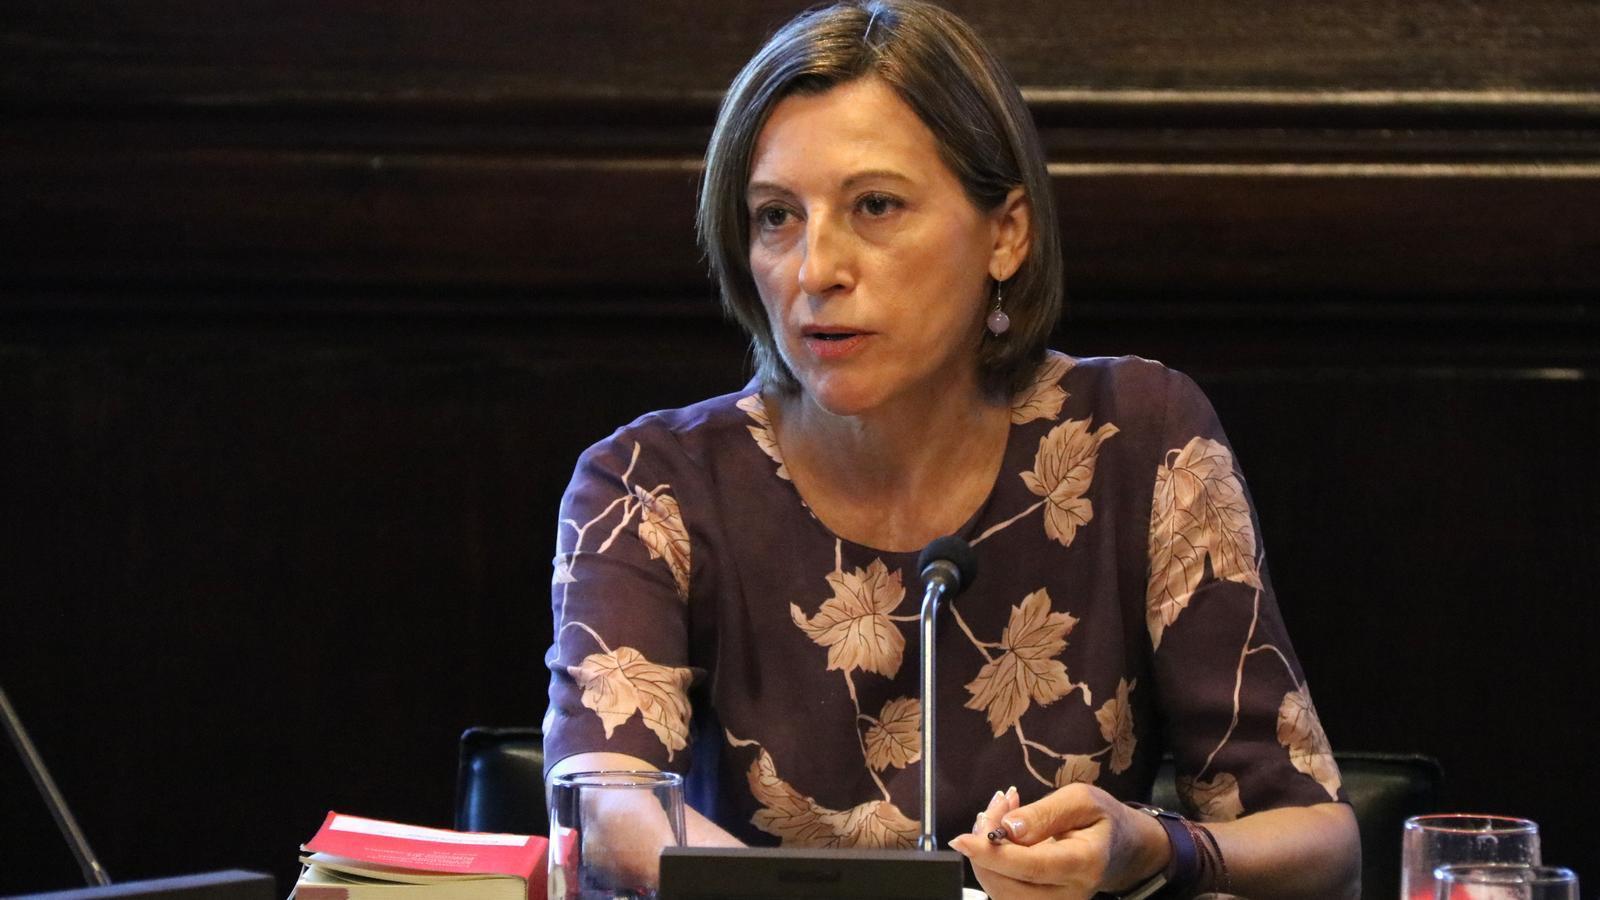 La presidenta del Parlament, Carme Forcadell, durant la reunió de la Mesa d'aquest 22 d'agost